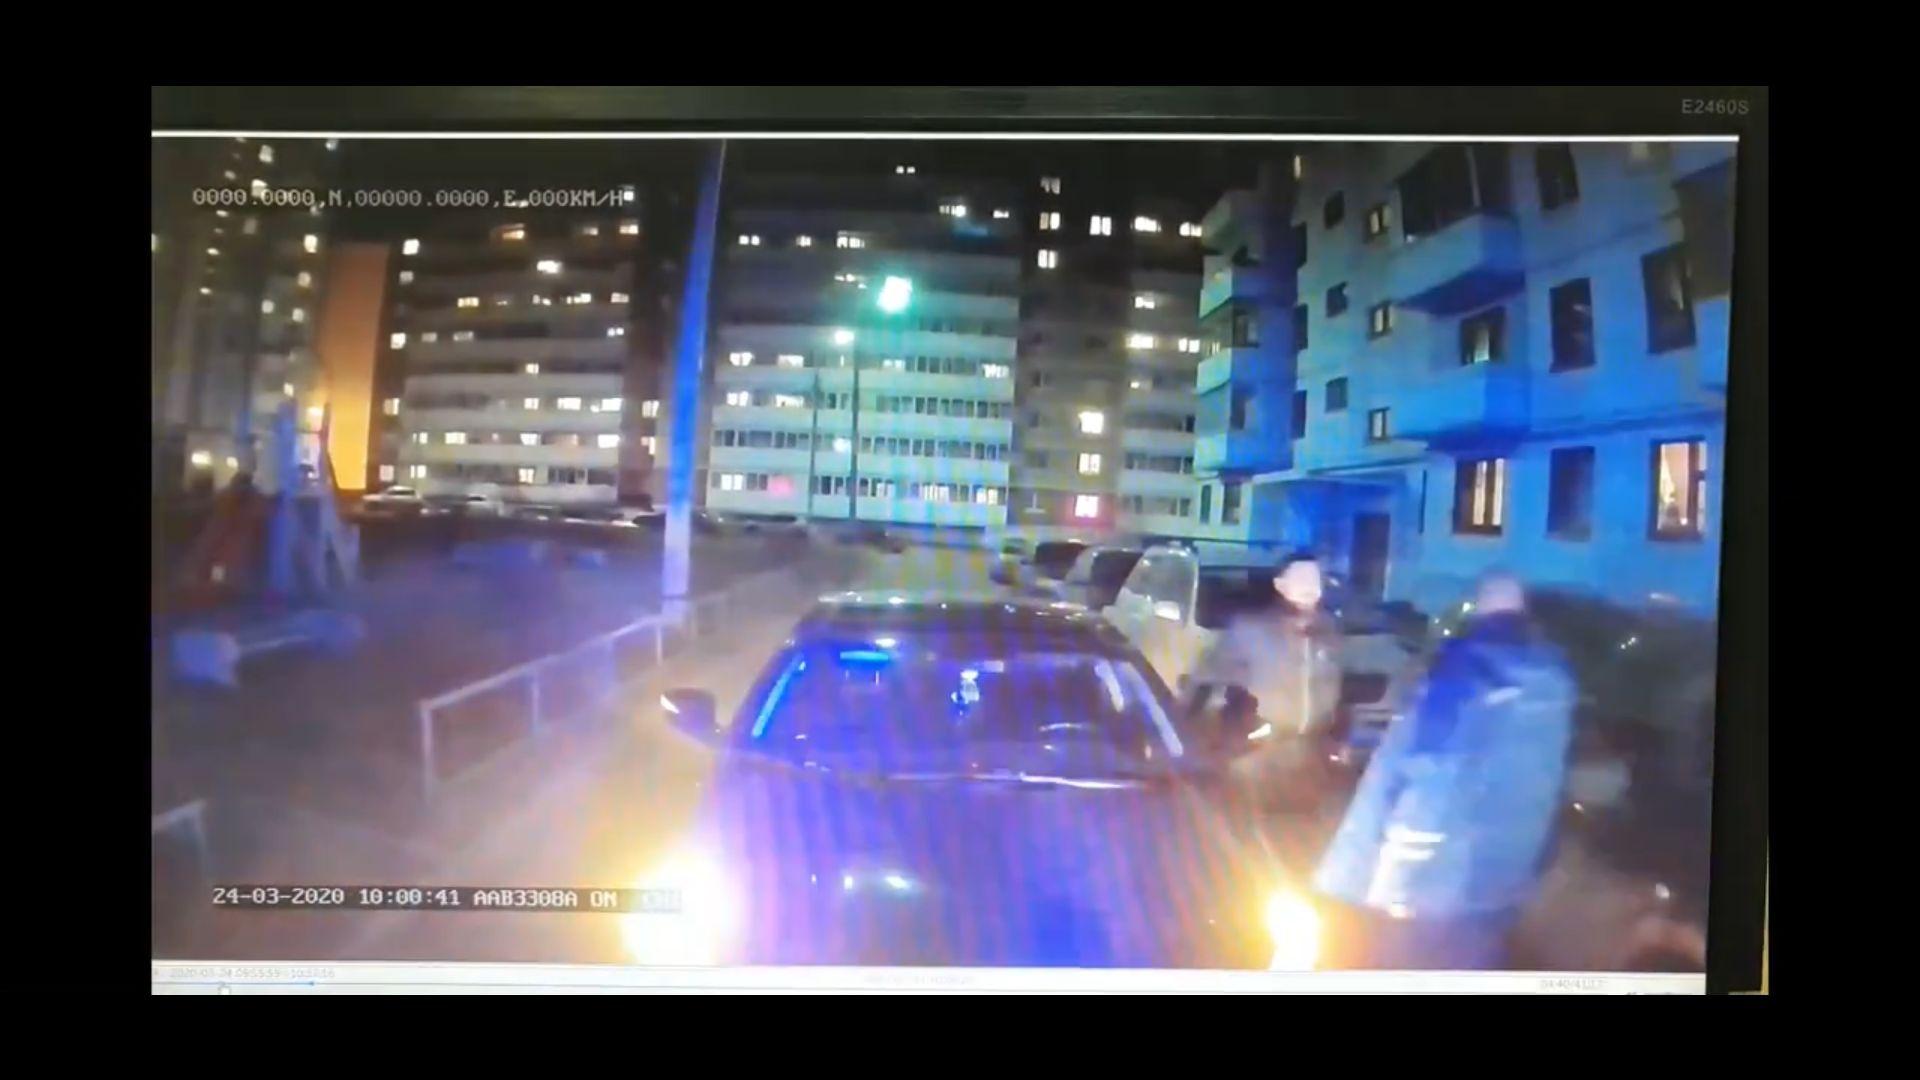 В Ярославле водитель иномарки перегородил дорогу скорой на экстренном вызове: видео